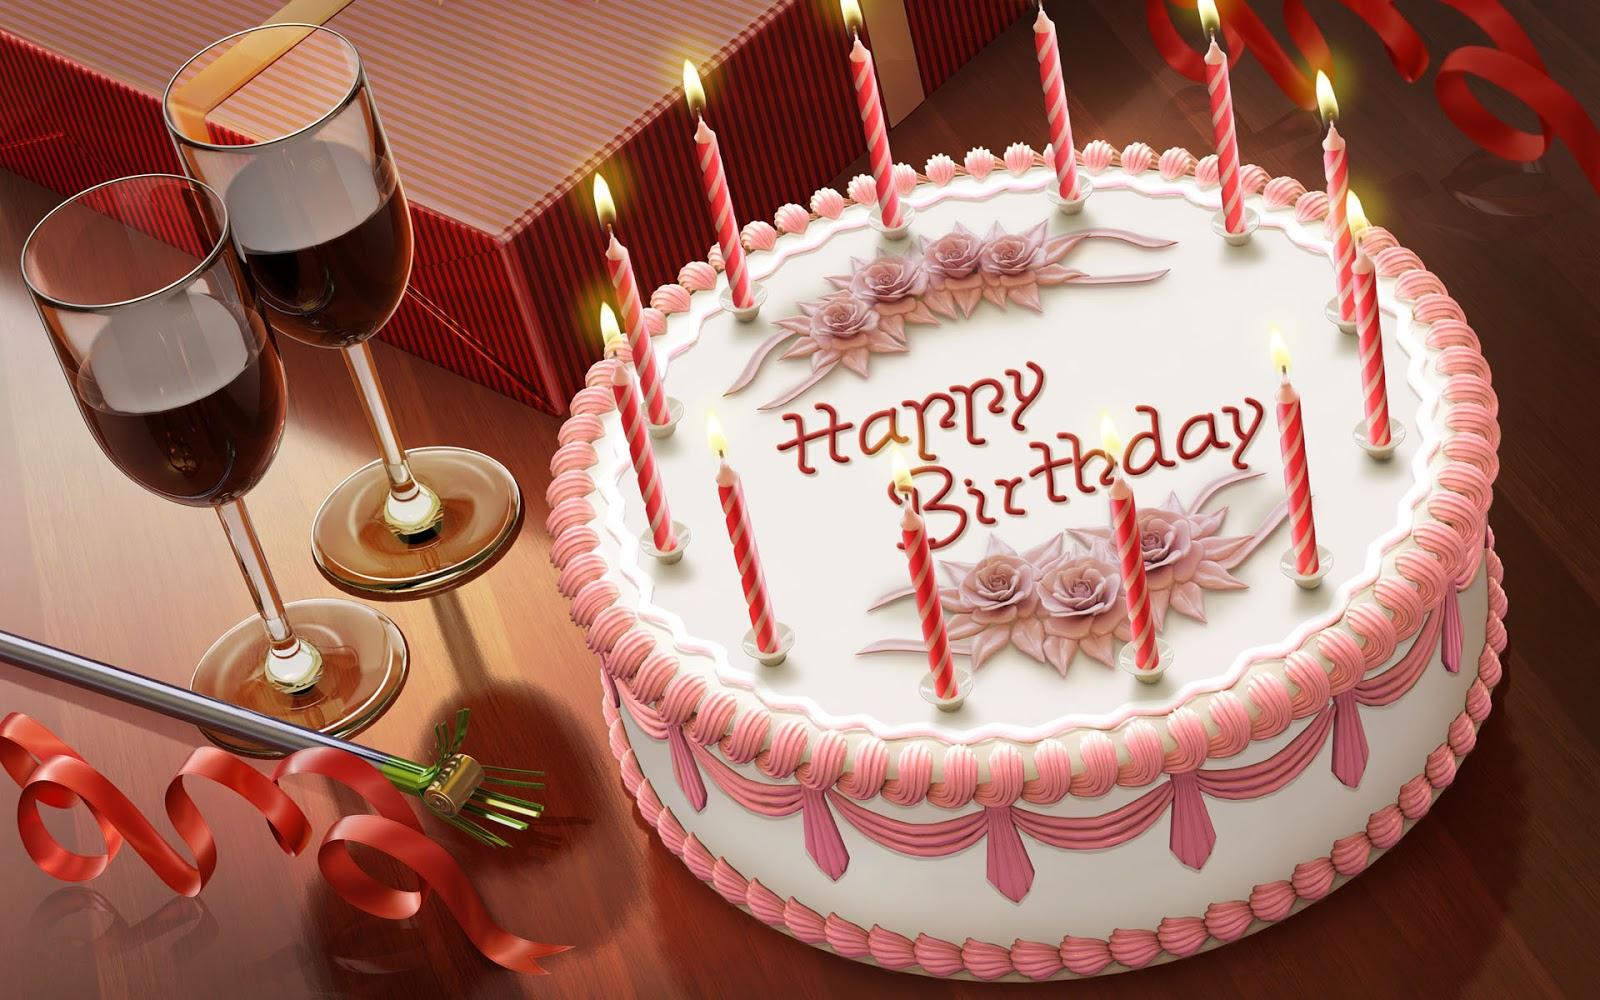 Happy Birthday صور بطاقات عيد ميلاد متحركة 2019 اروع معايدات